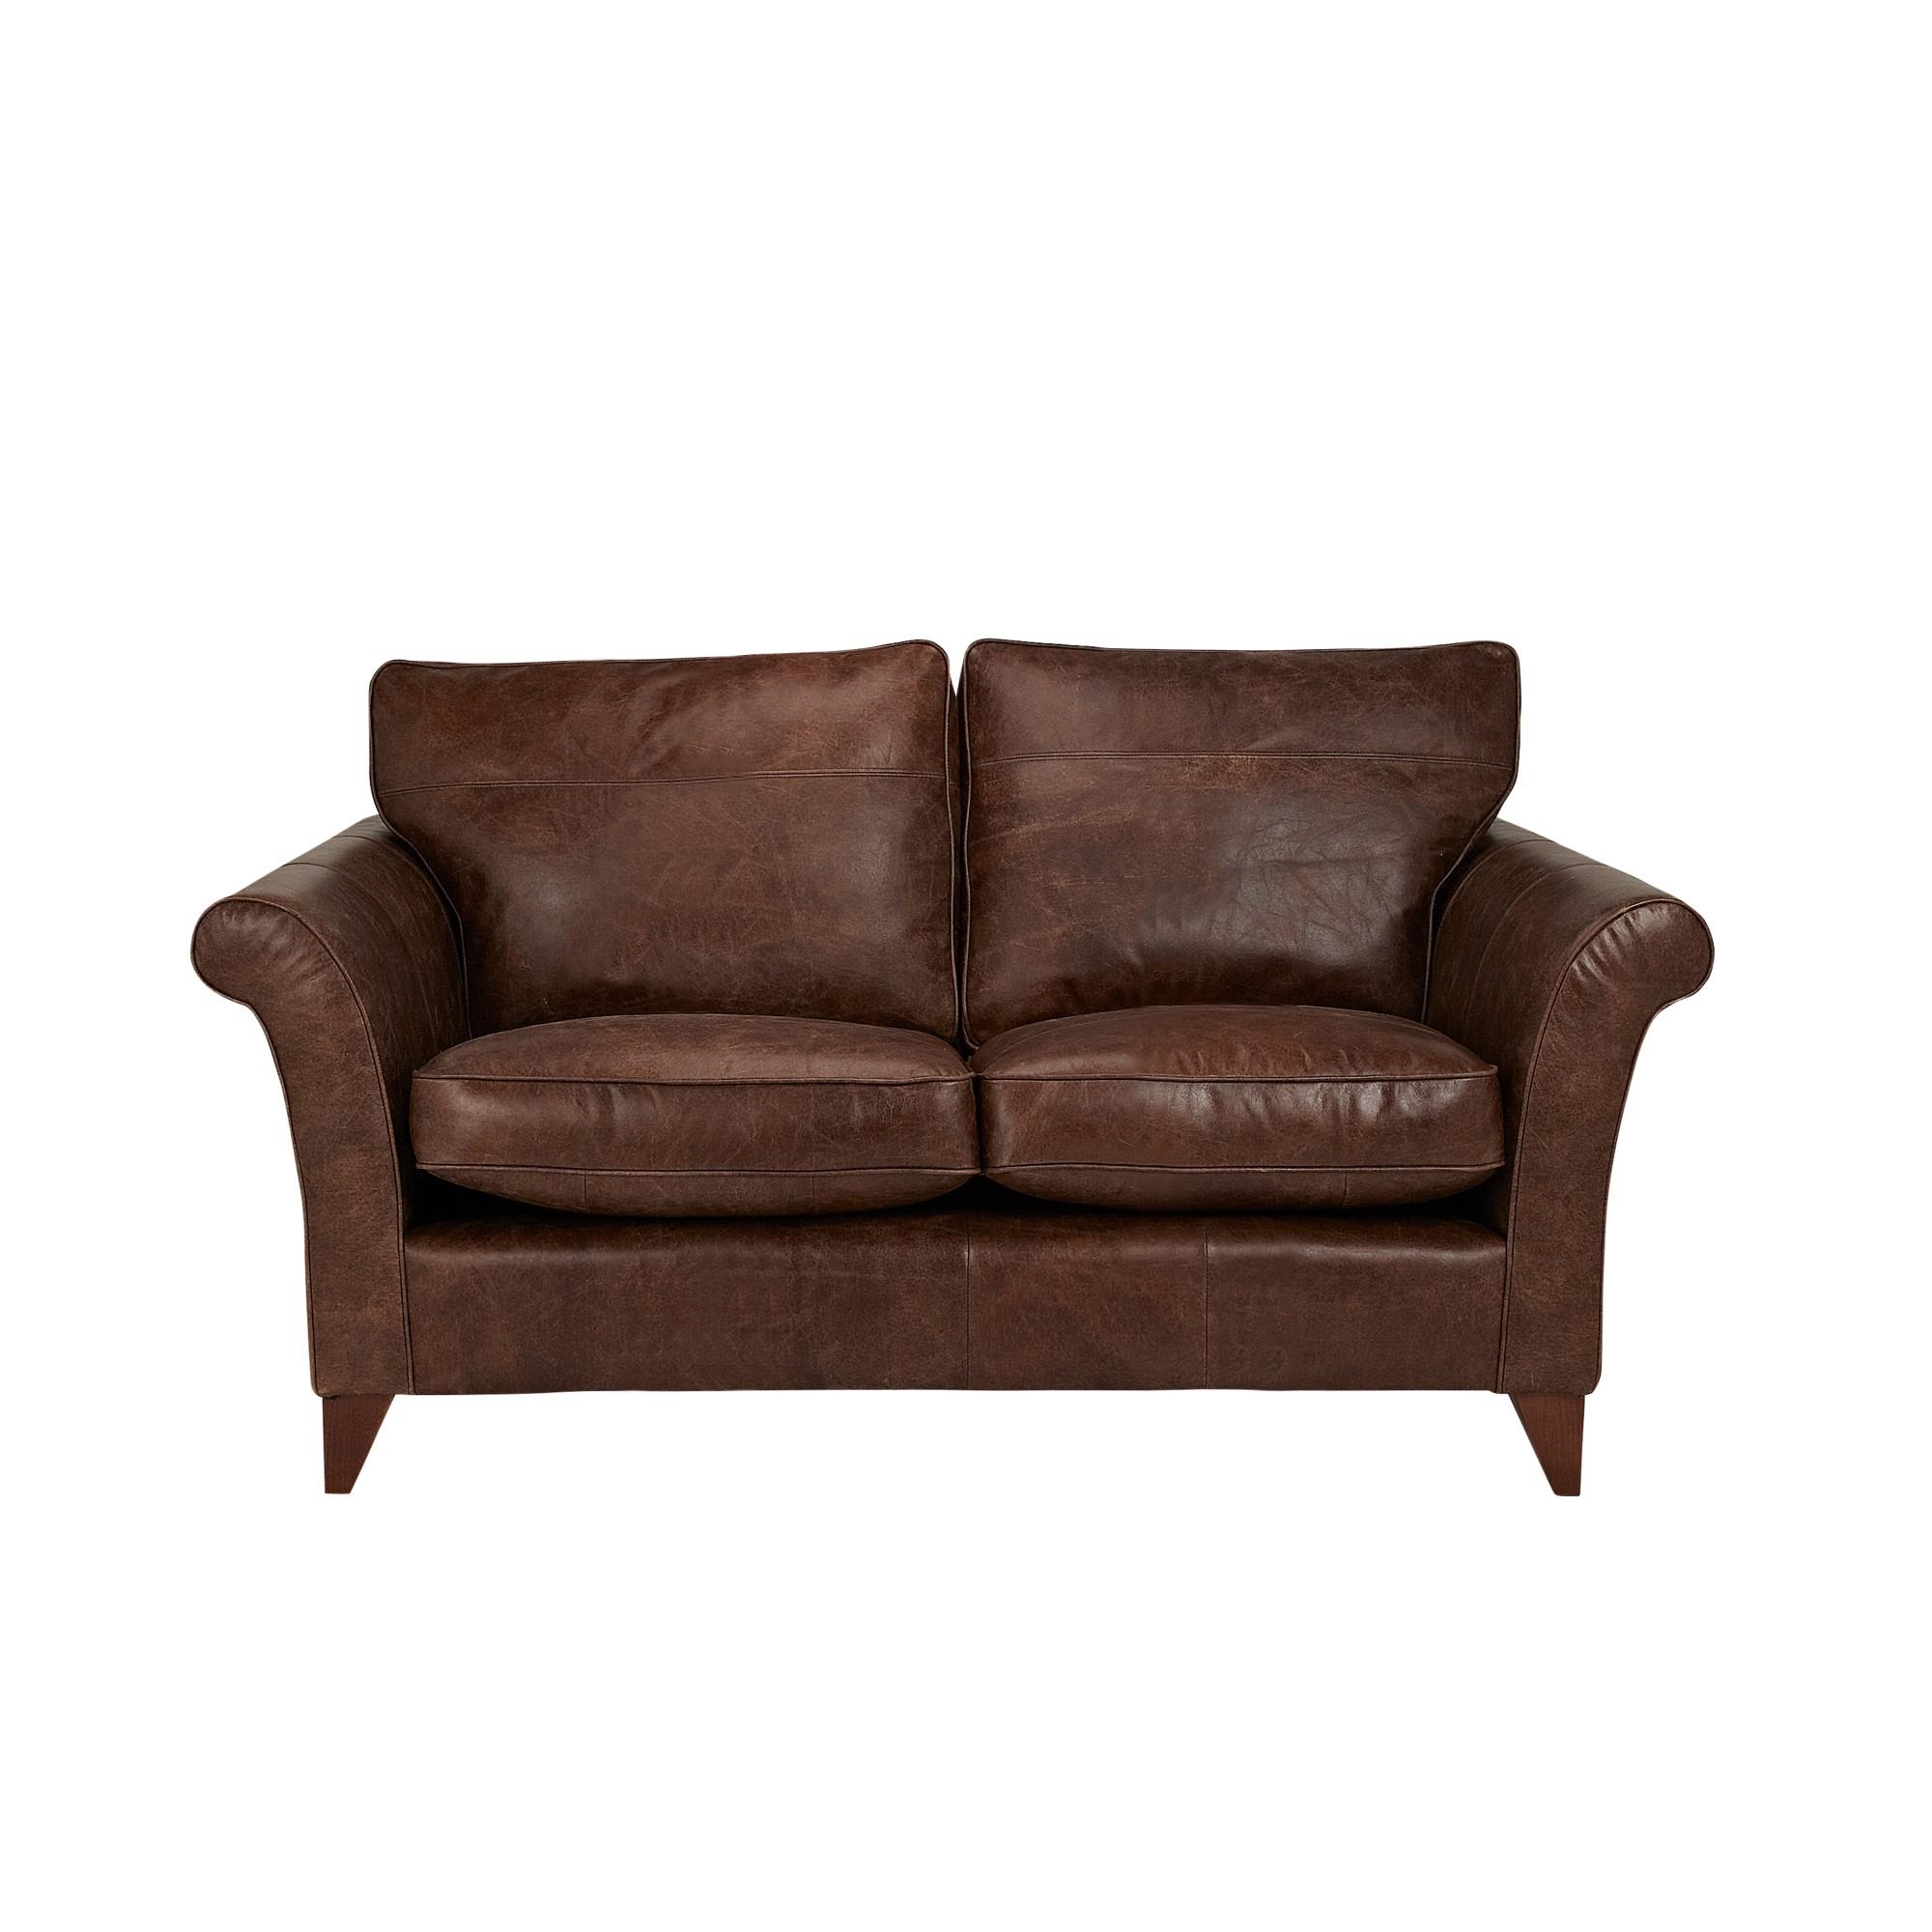 John Lewis Charlotte Medium Leather Sofa